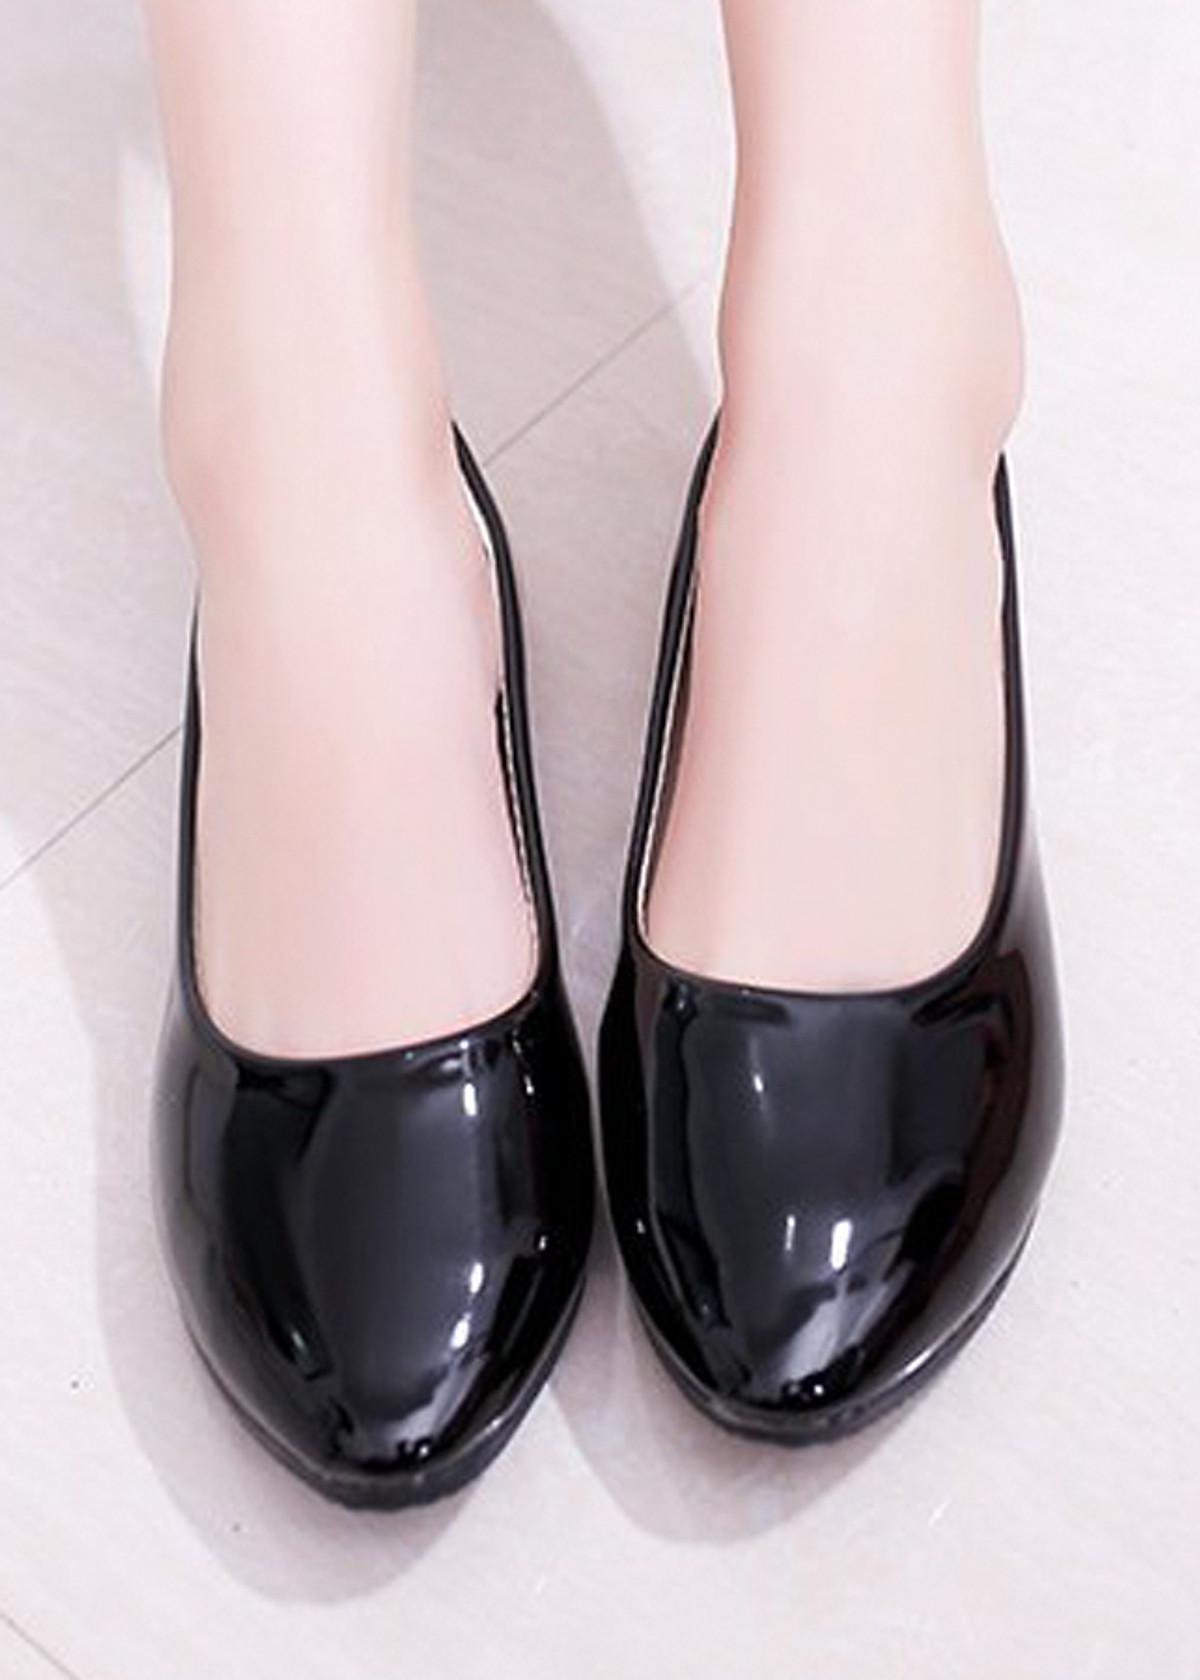 Giày búp bê da bóng mềm không đau chân , dáng chuẩn 96309 41